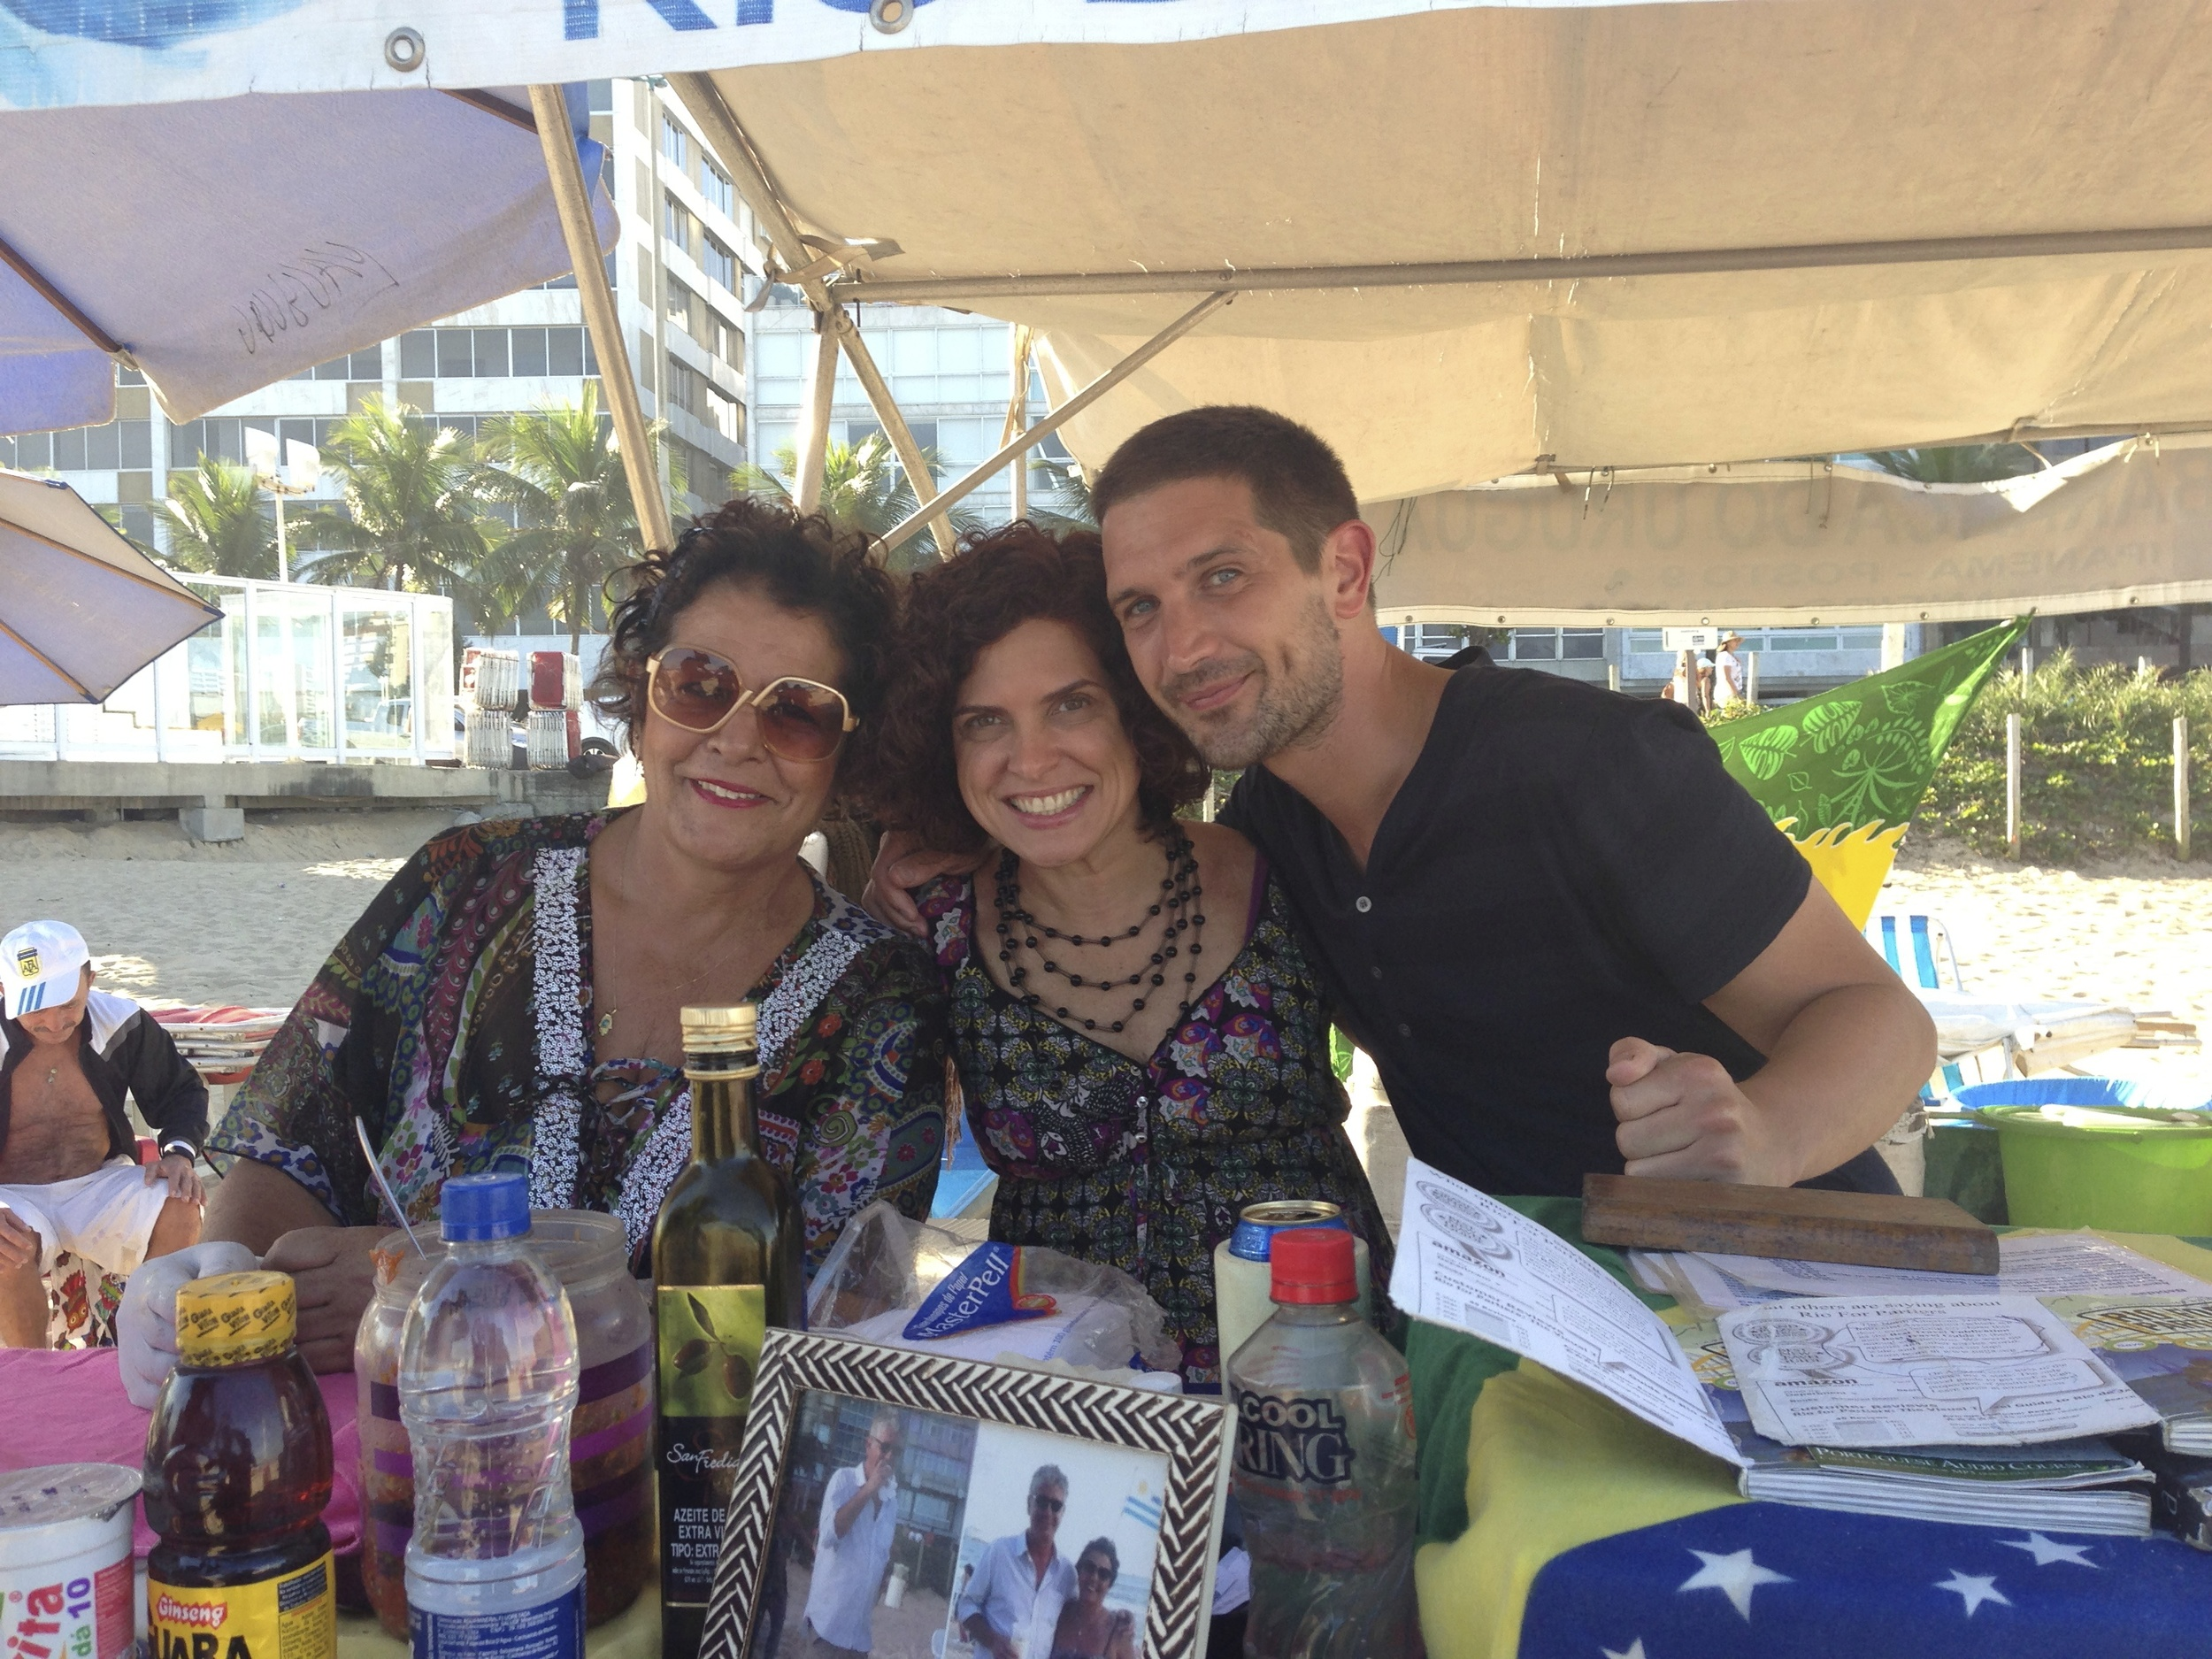 Gloria, Flavia & I